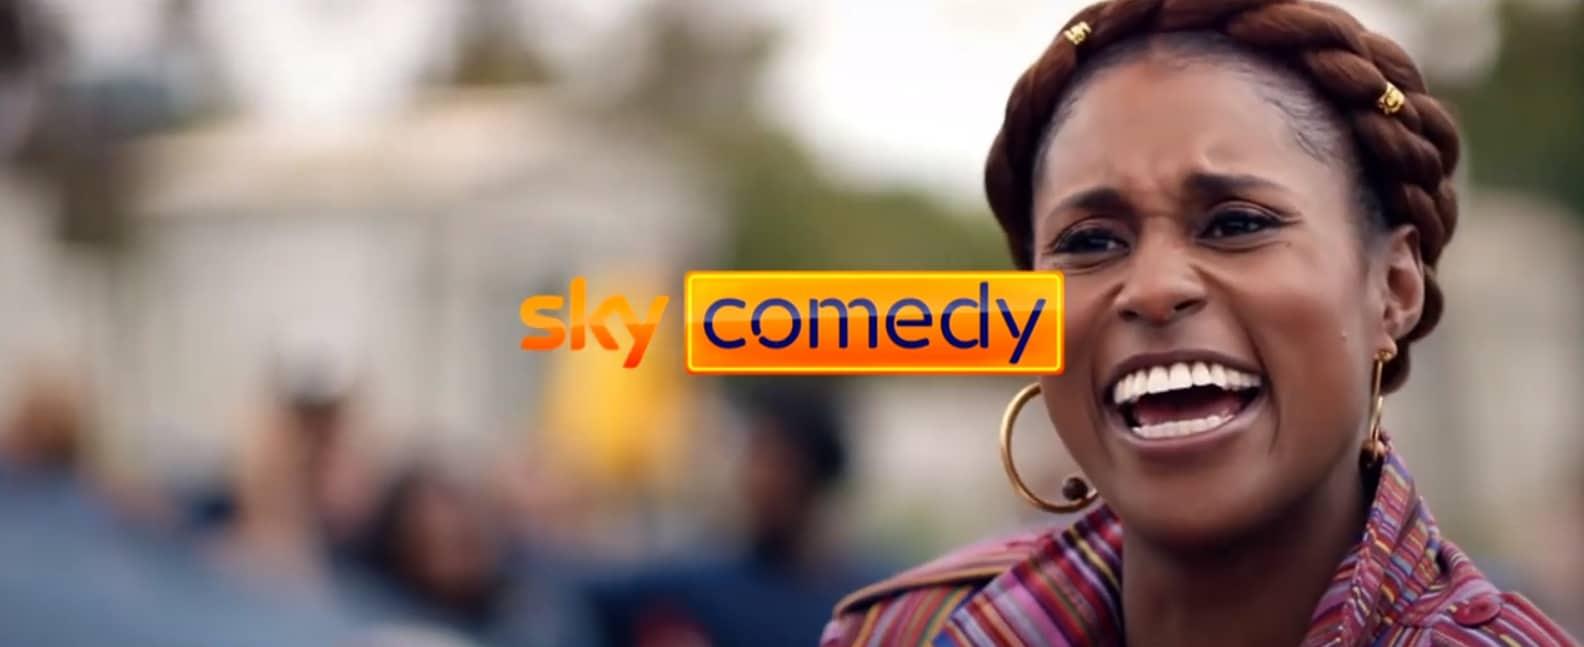 sky-comedy-sender